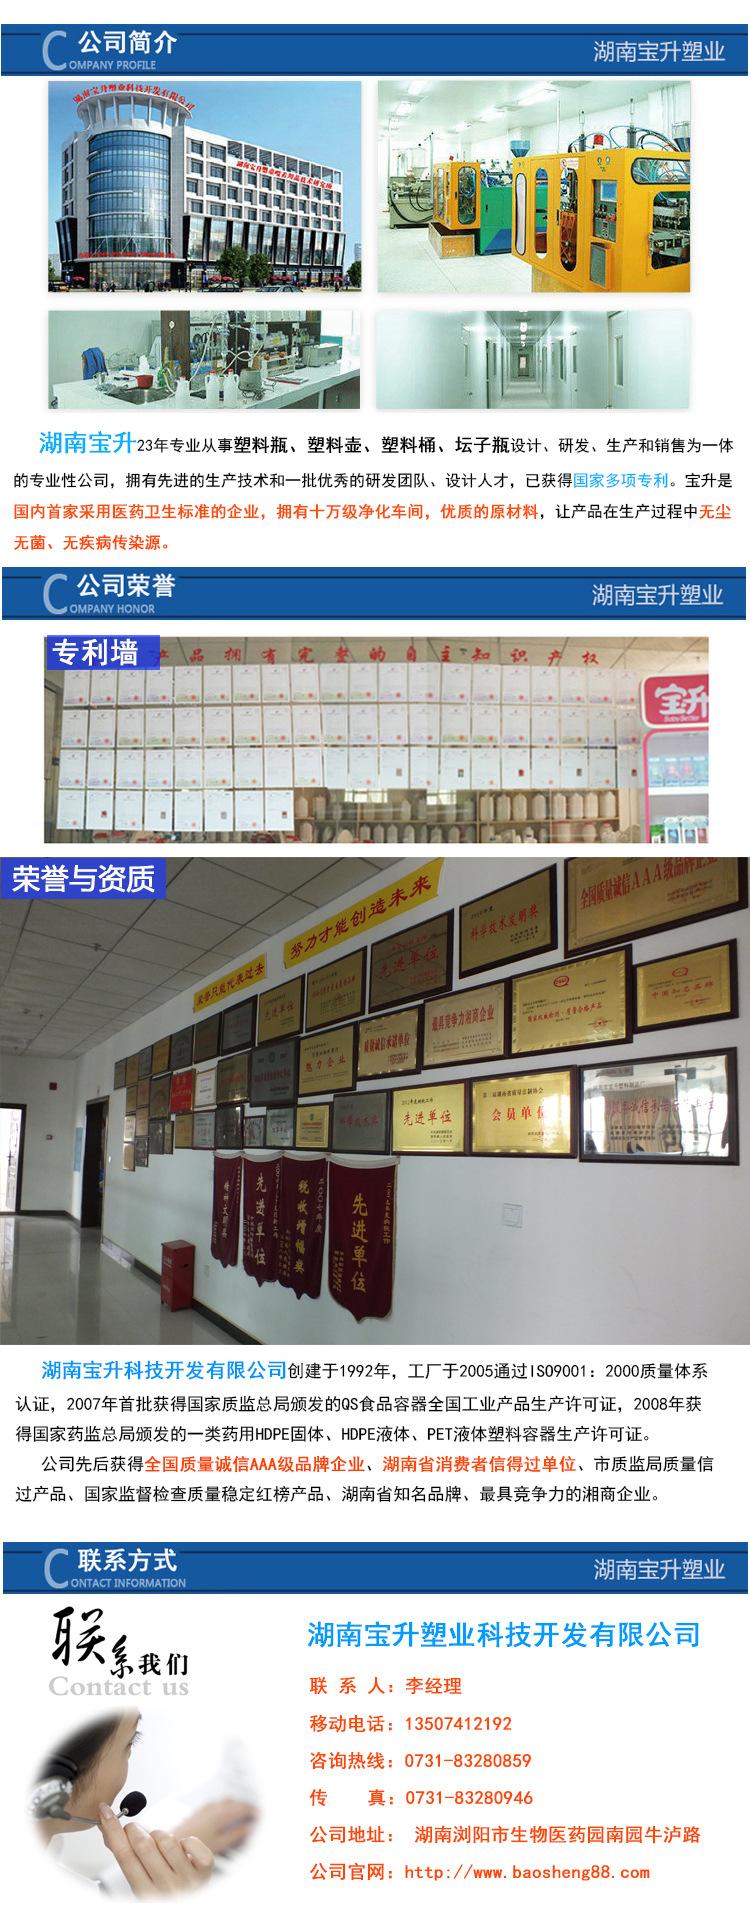 湖南宝升塑业科技开发有限公司